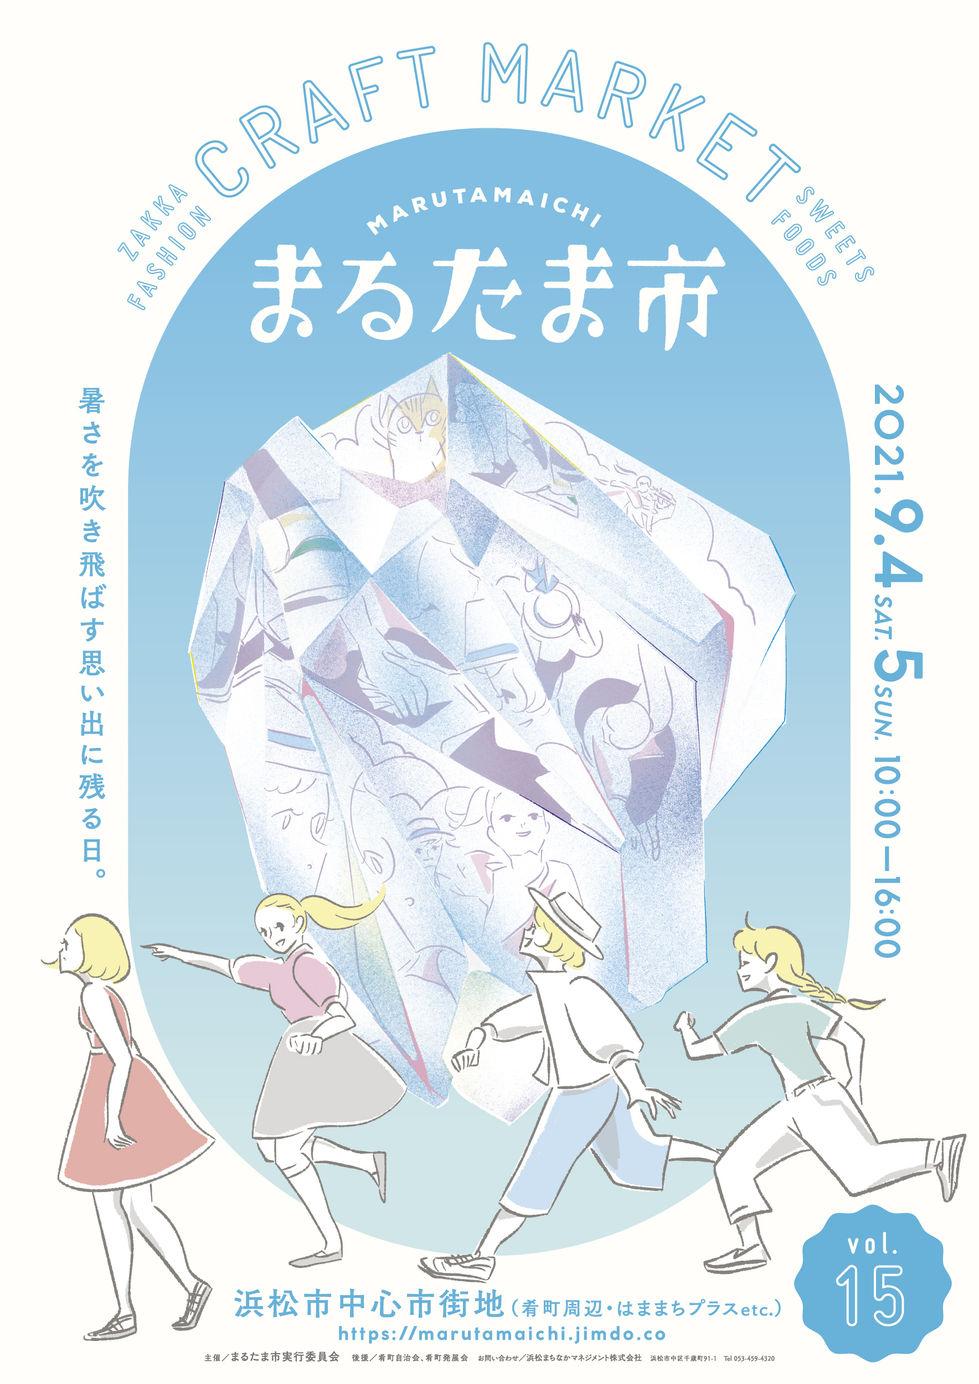 ■ 浜松市 まるたま市vol.15 ポスター